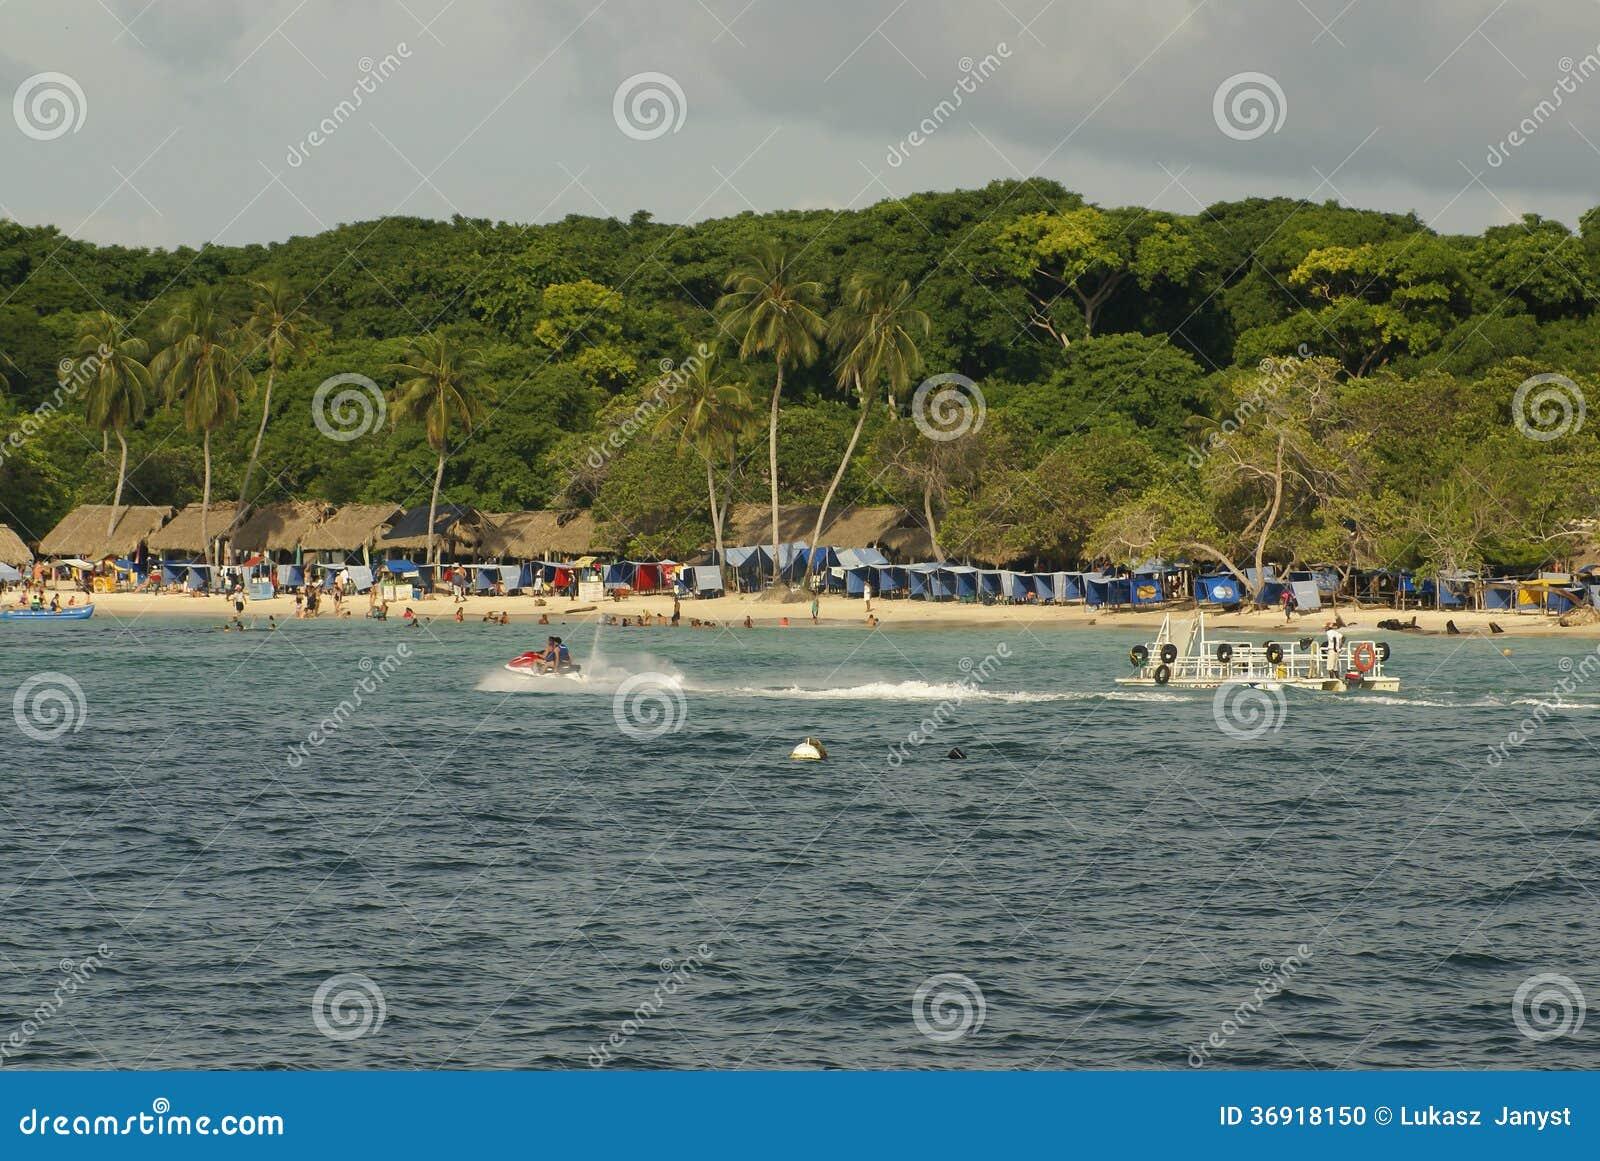 Rosario Islands is een archipel bestaand uit 27 die eilanden ongeveer twee uren door boot van Cartagena DE Indias, Colombia worden